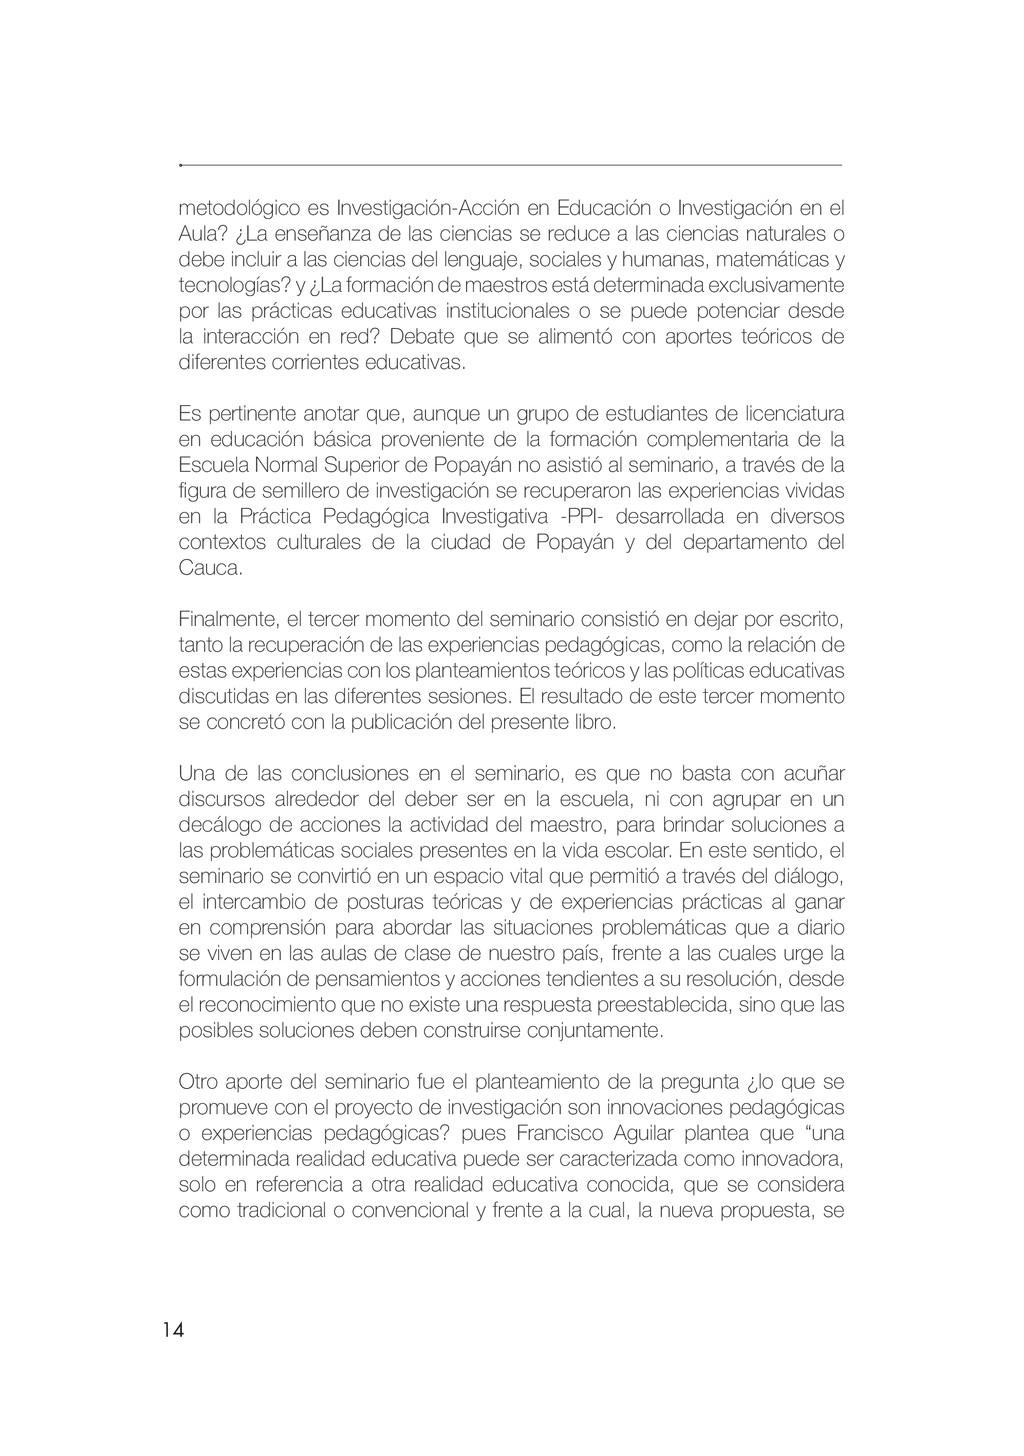 14 metodológico es Investigación-Acción en Educ...